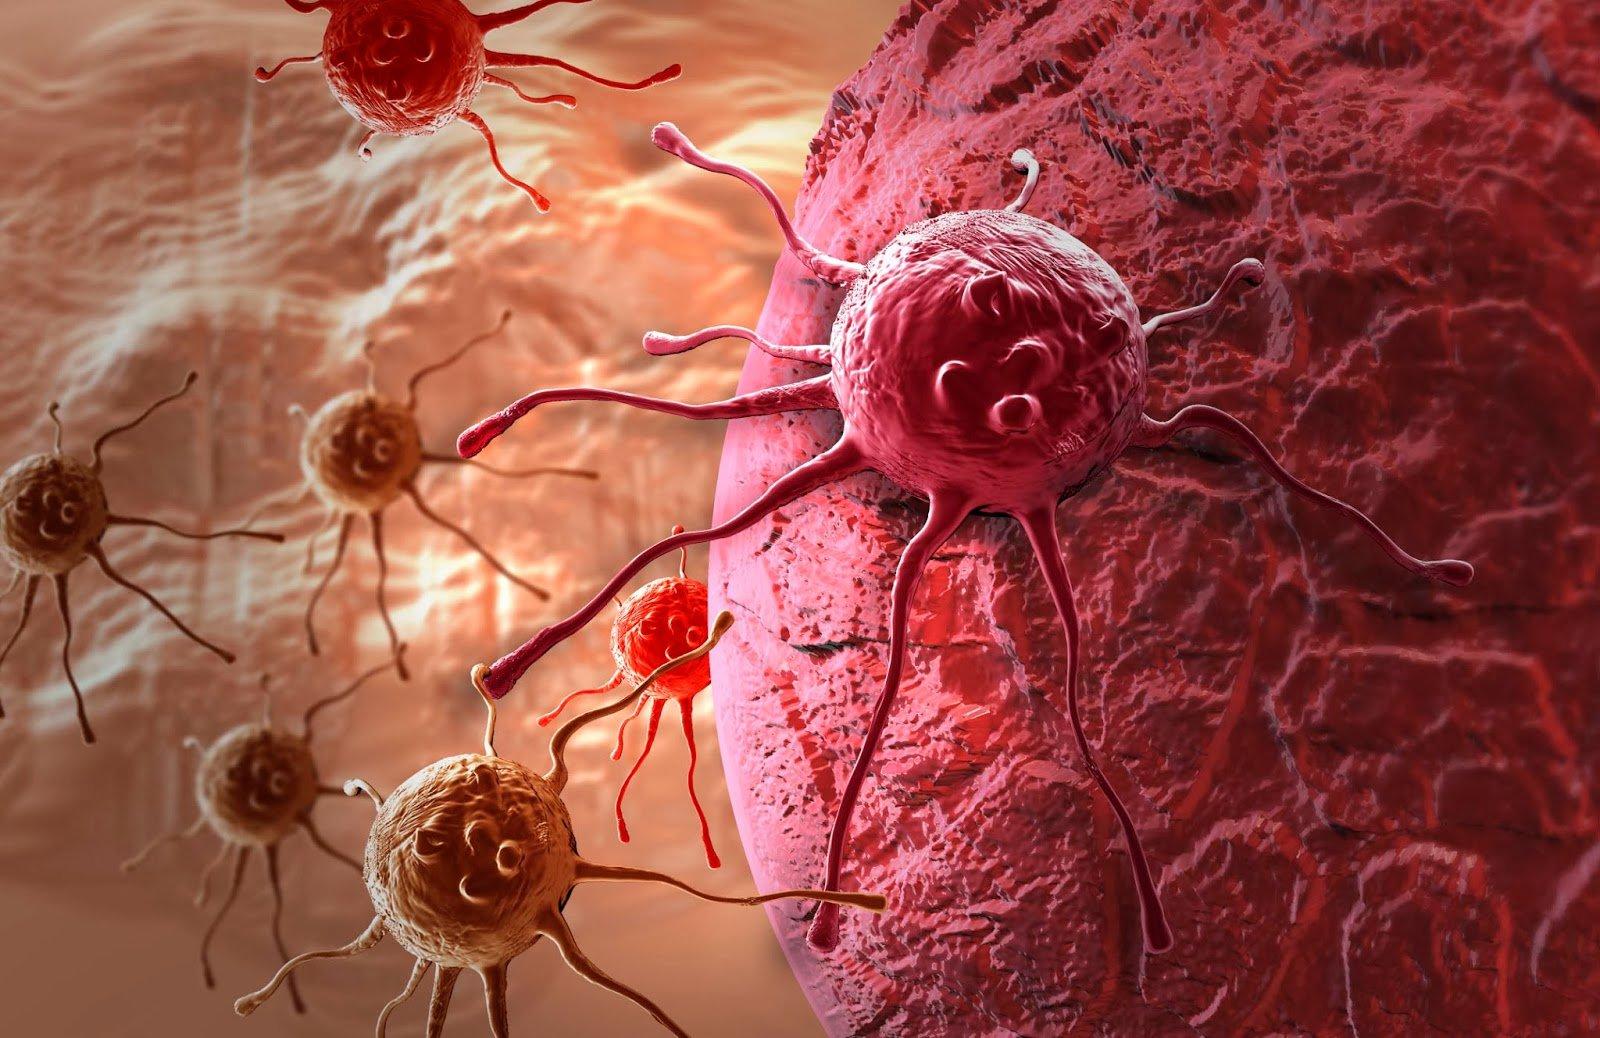 Pathologie rachis moelle nerf - Campus de Neurochirurgie Maladie de paget des os photos